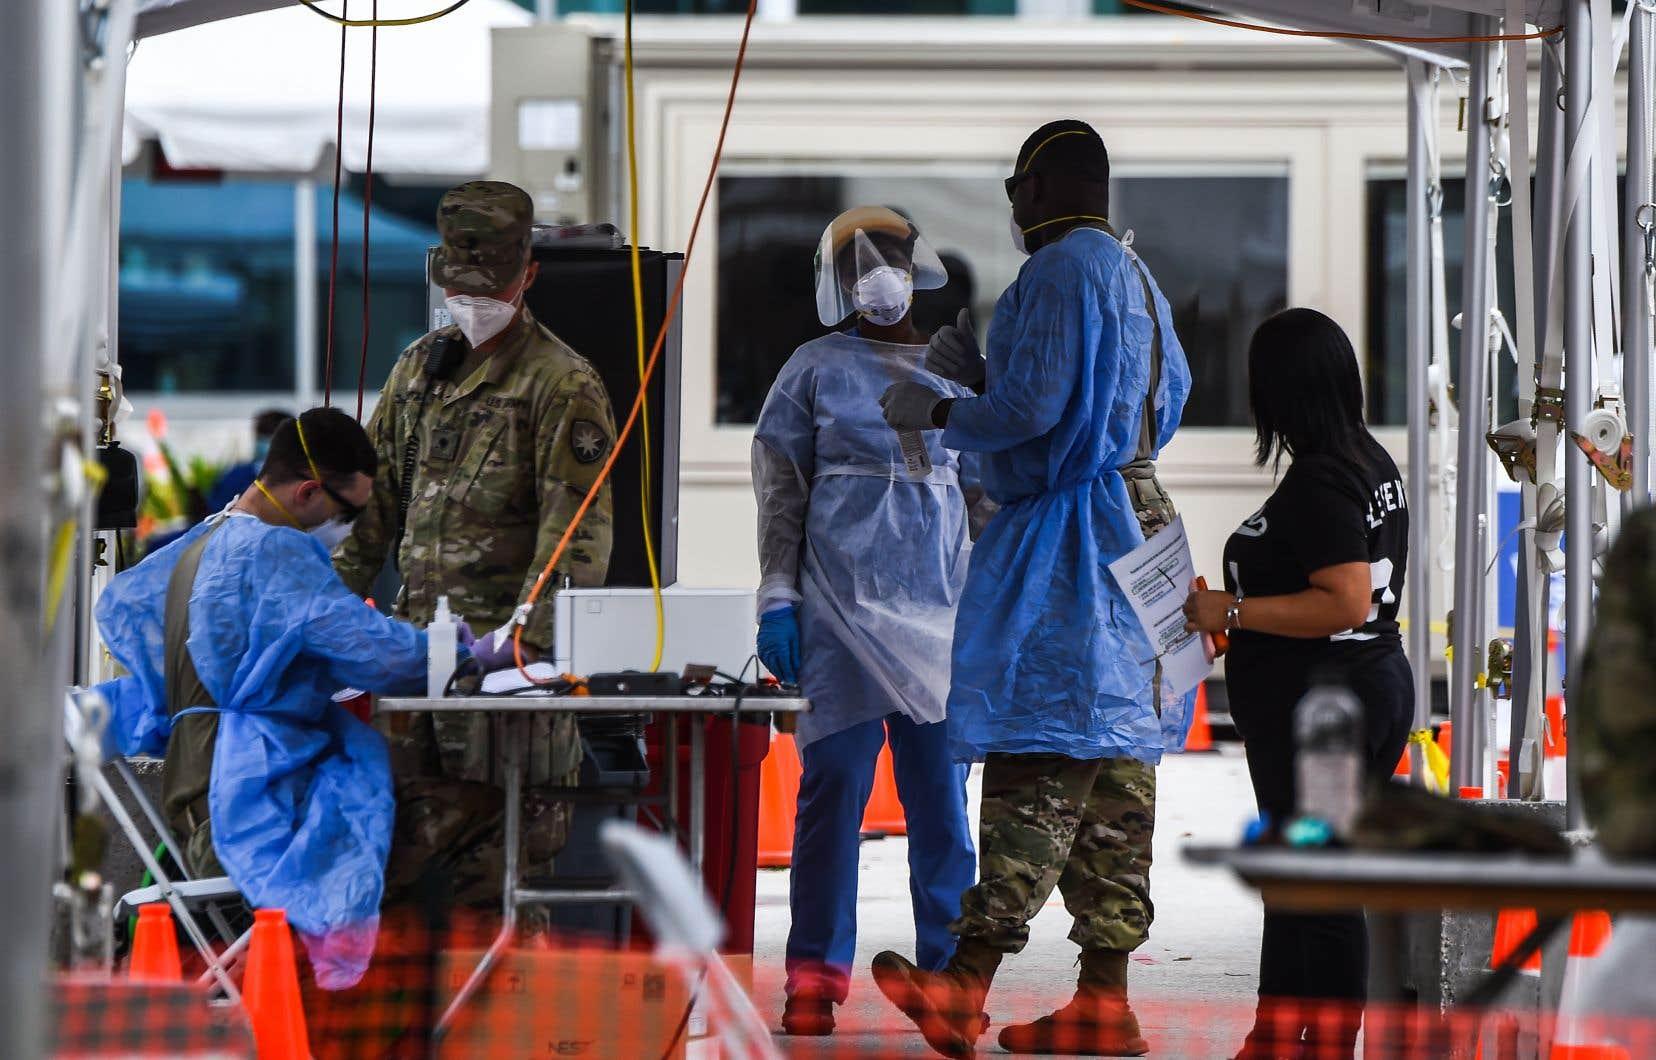 Après avoir connu une amélioration vers la fin du printemps, les États-Unis voient depuis la fin de juin l'épidémie repartir à la hausse.